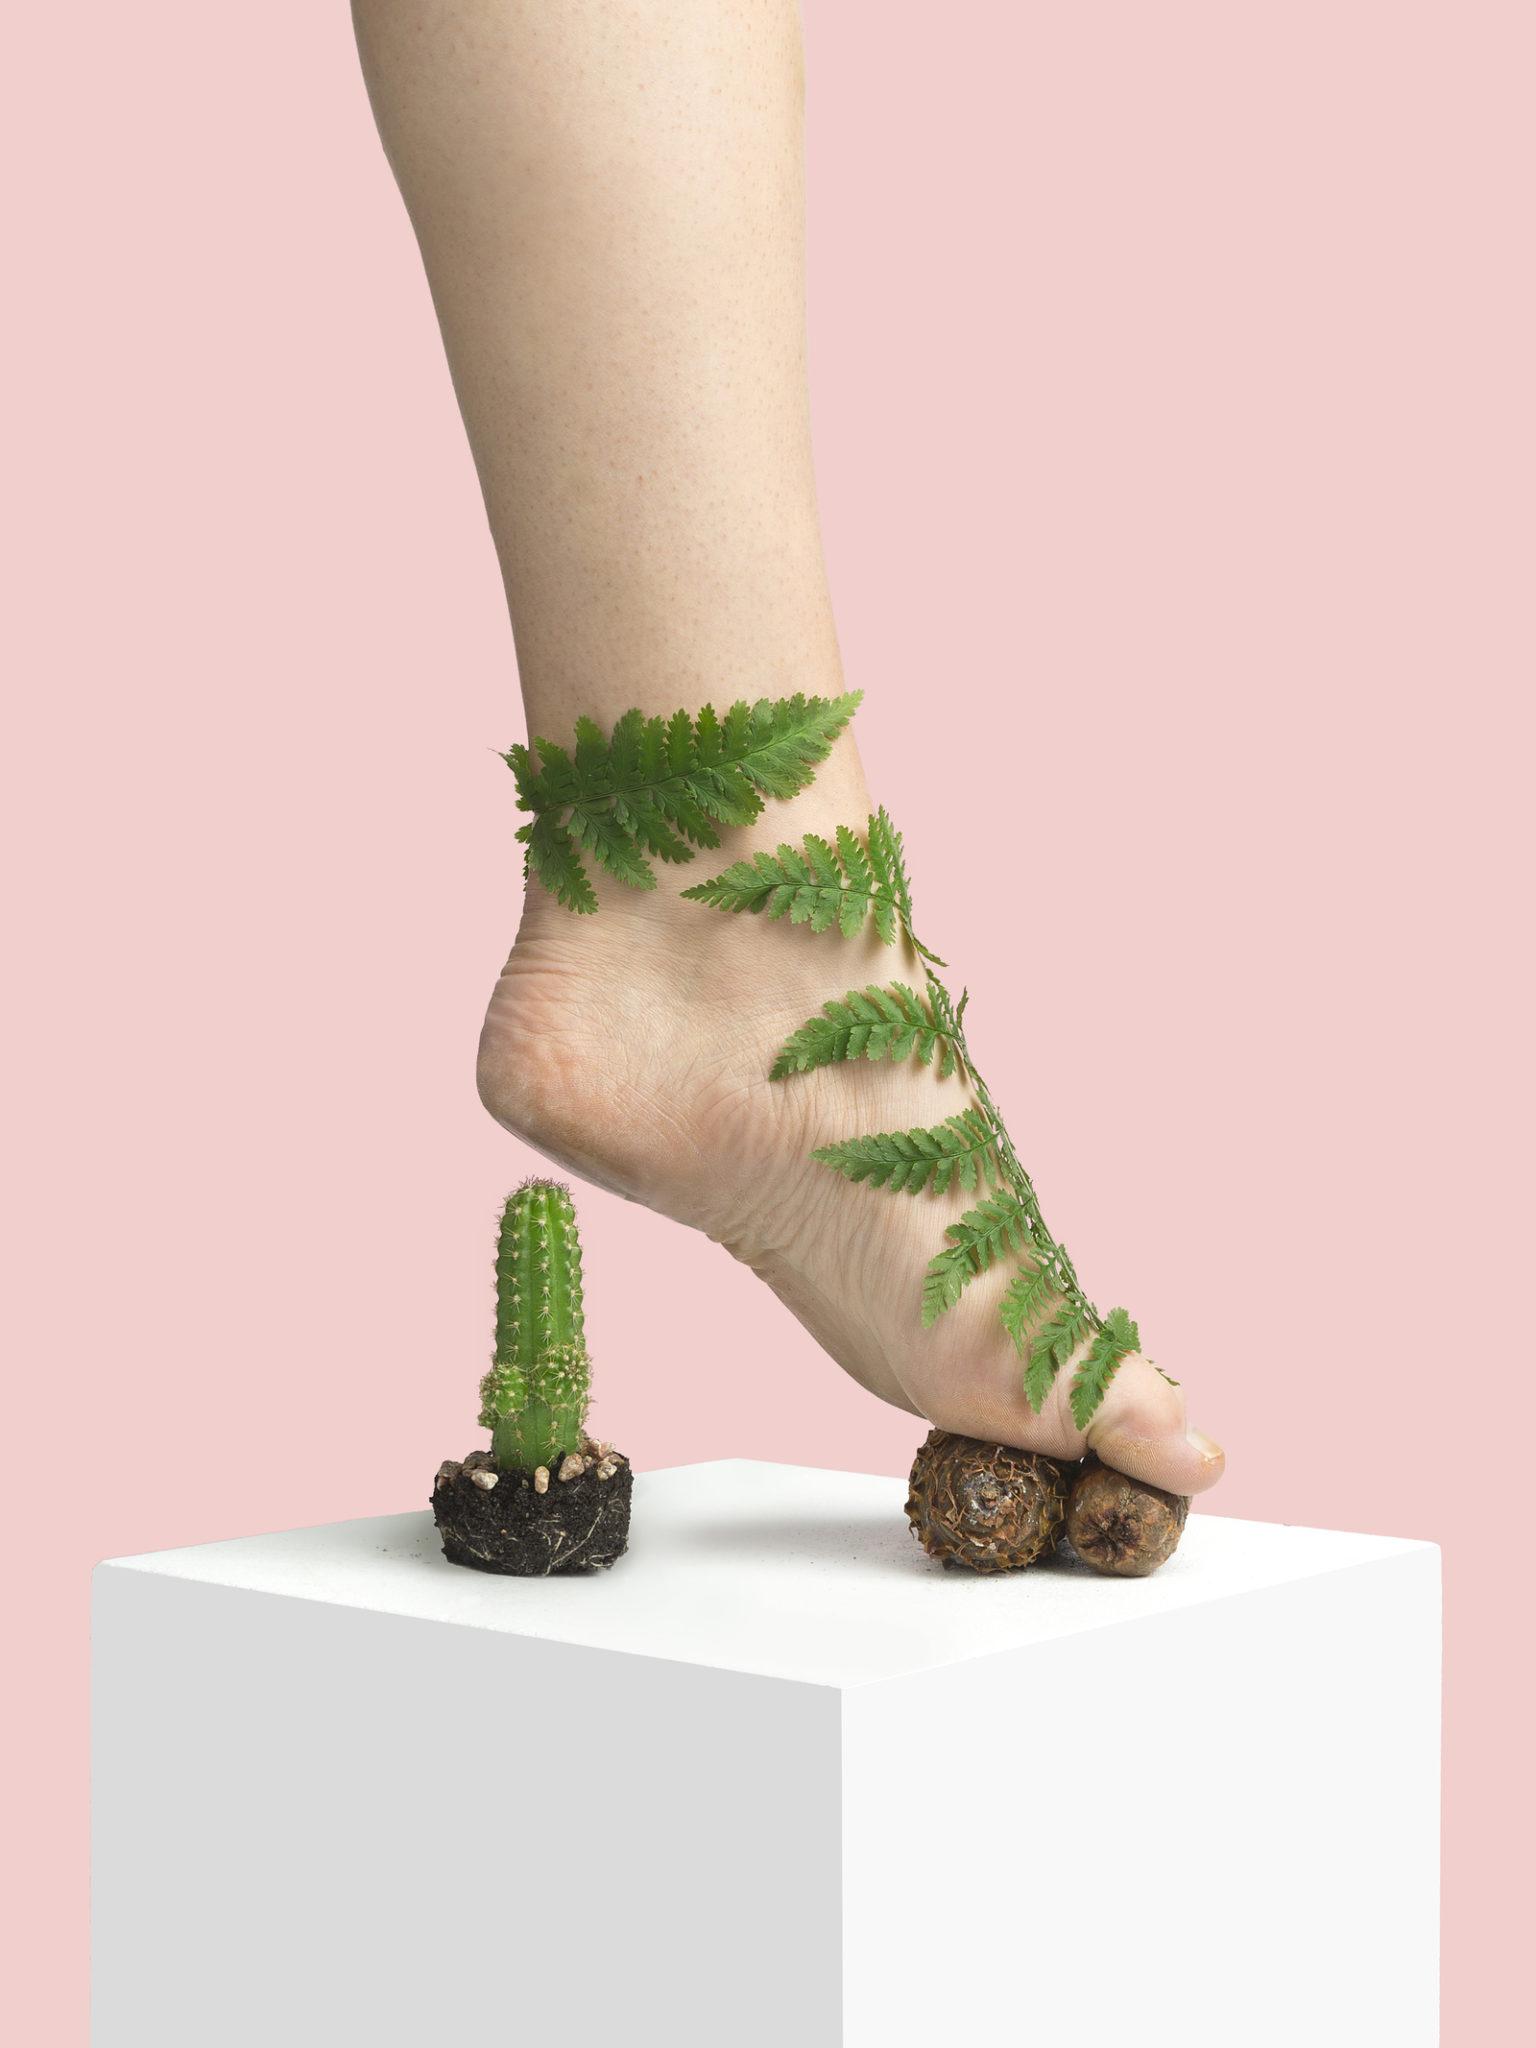 But zrobiony z kaktusa, kamieni i liści paproci